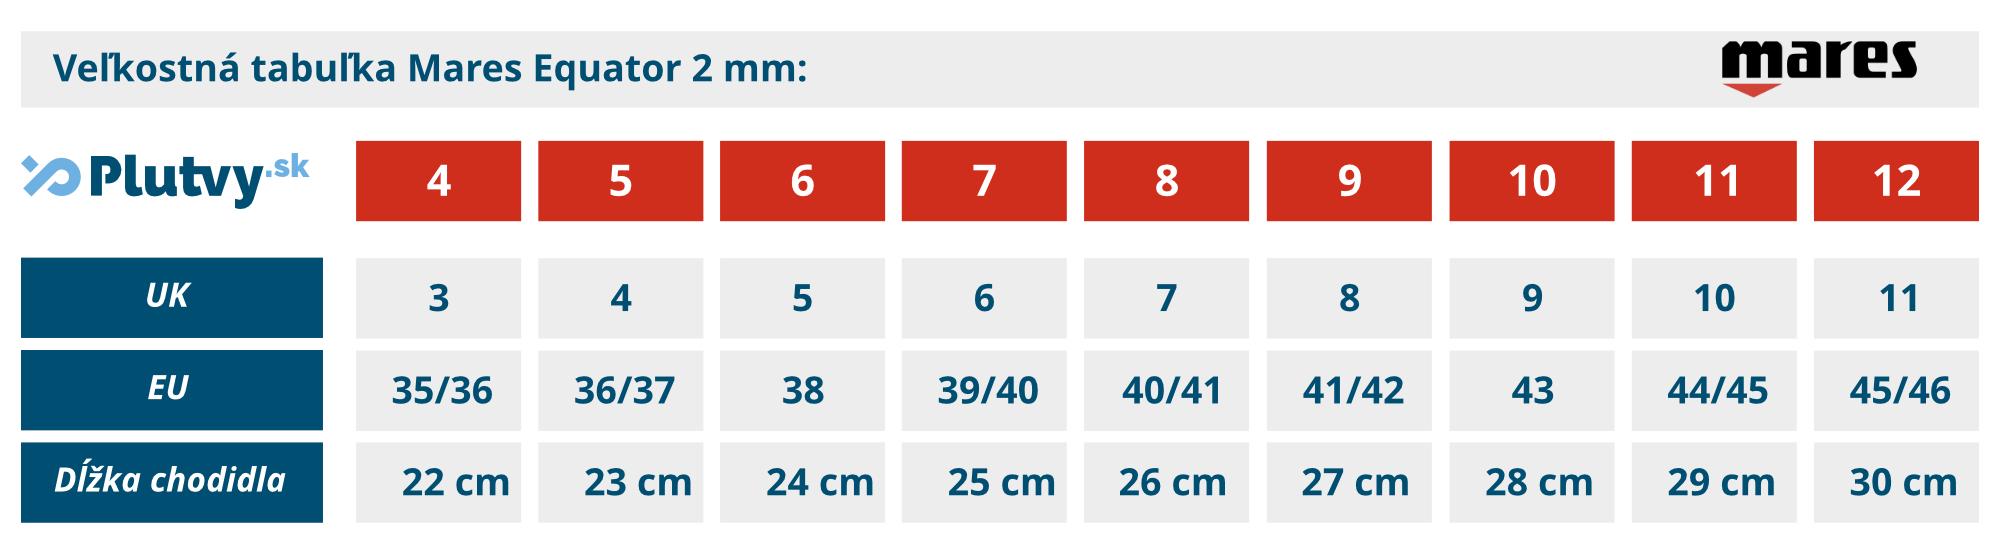 Mares Equator 2mm tabuľka veľkosti neoprénových topánok od Plutvy.sk